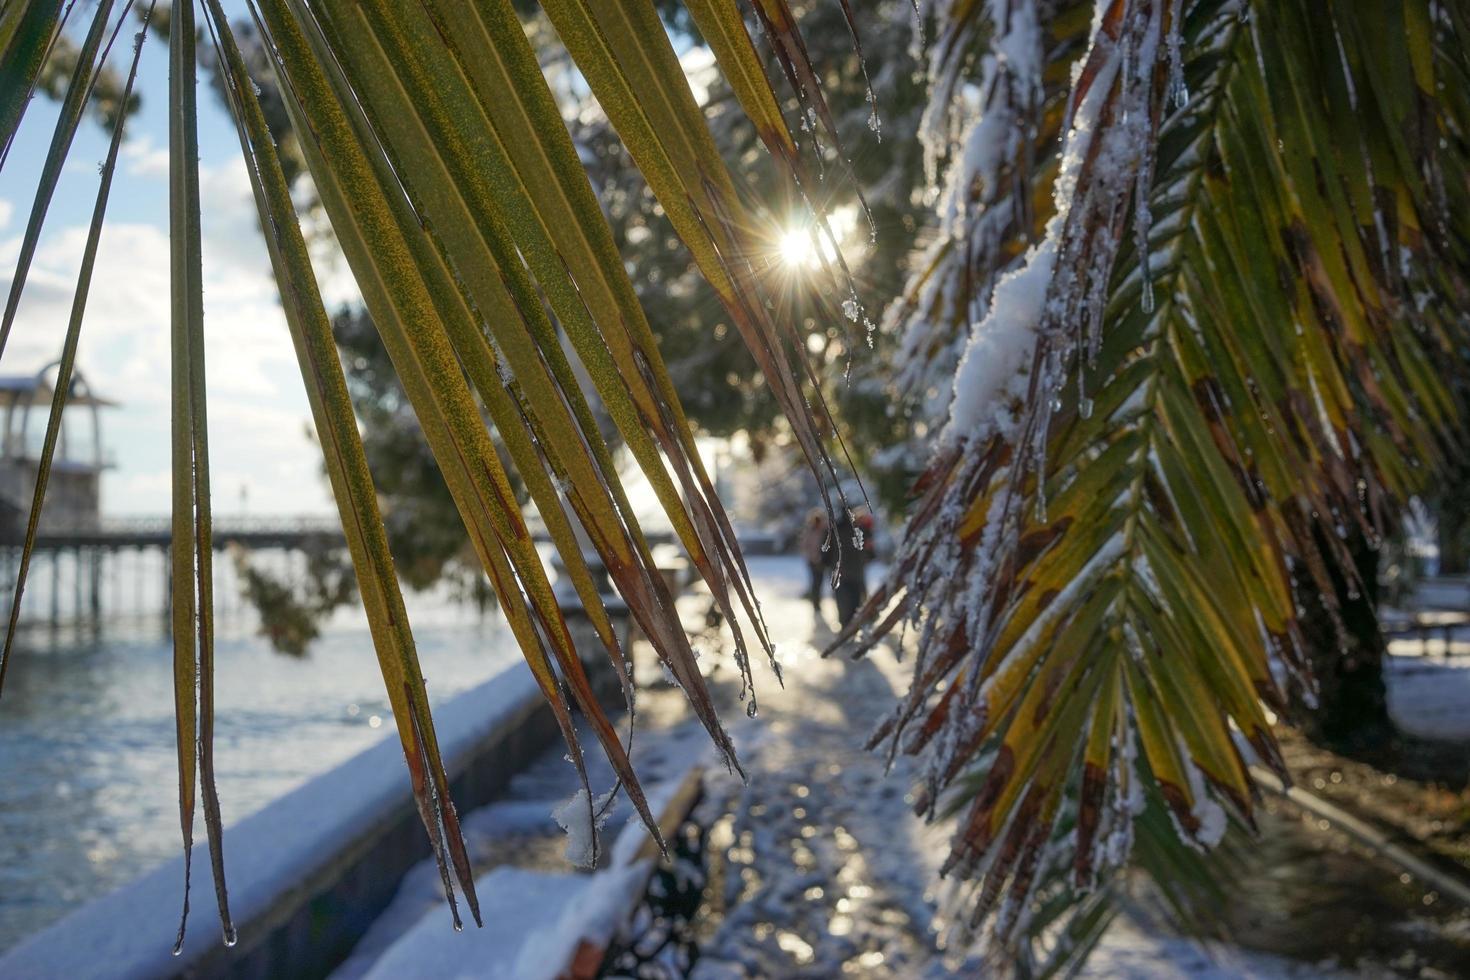 de bladeren van de waaierpalm washingtonia met waterdruppels foto